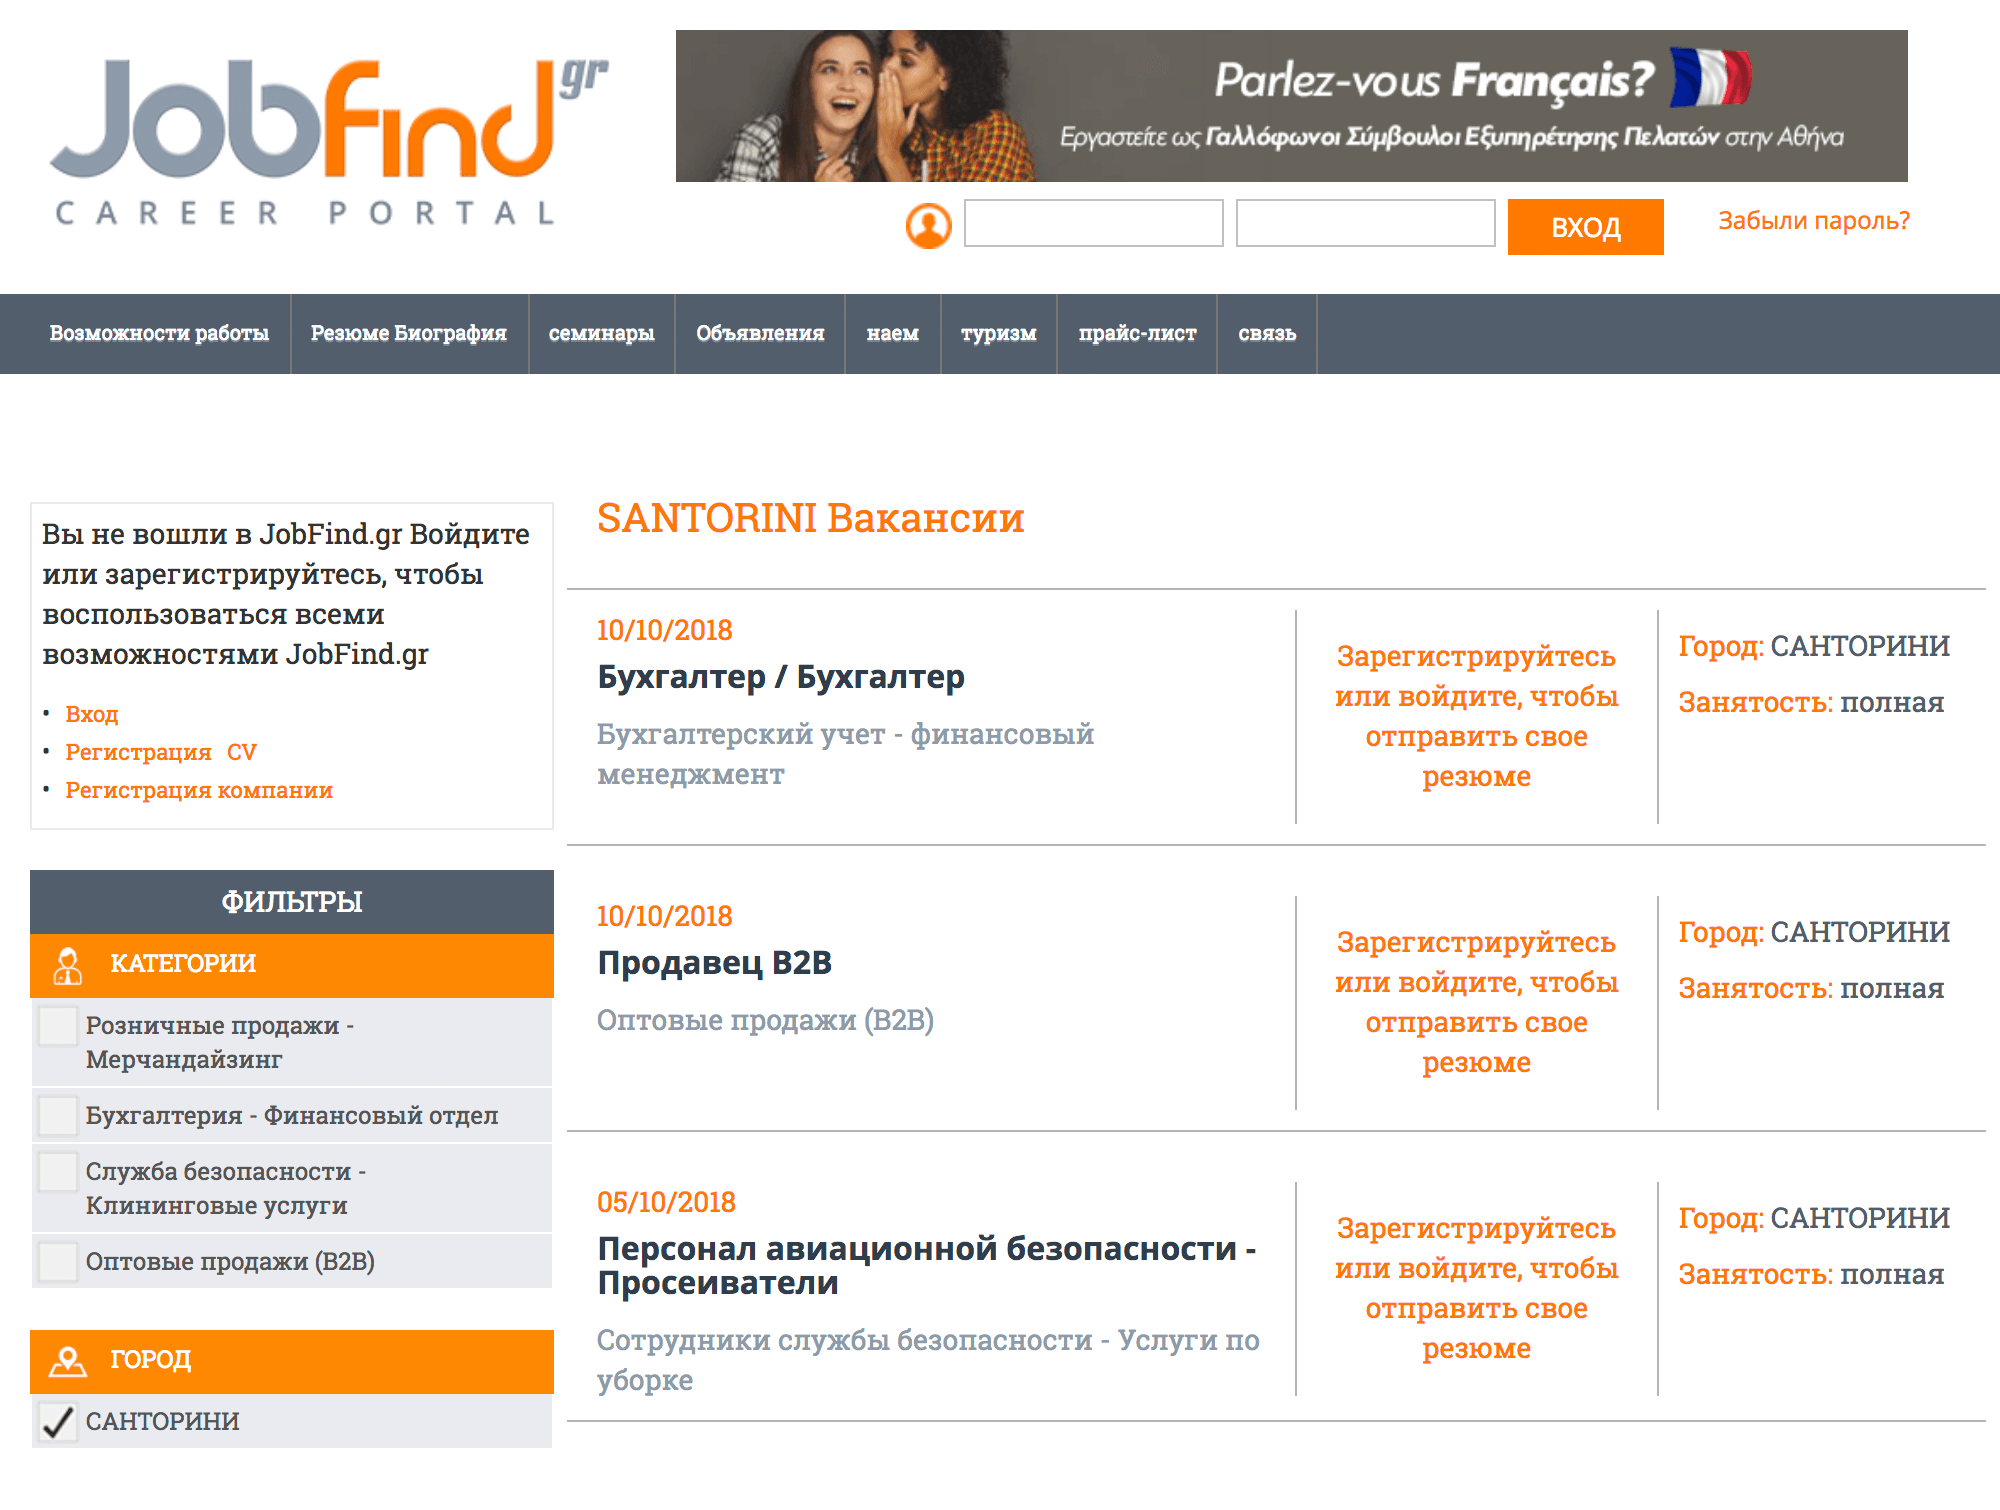 Один из популярных сайтов для поиска работы в Греции, в частности на Санторини